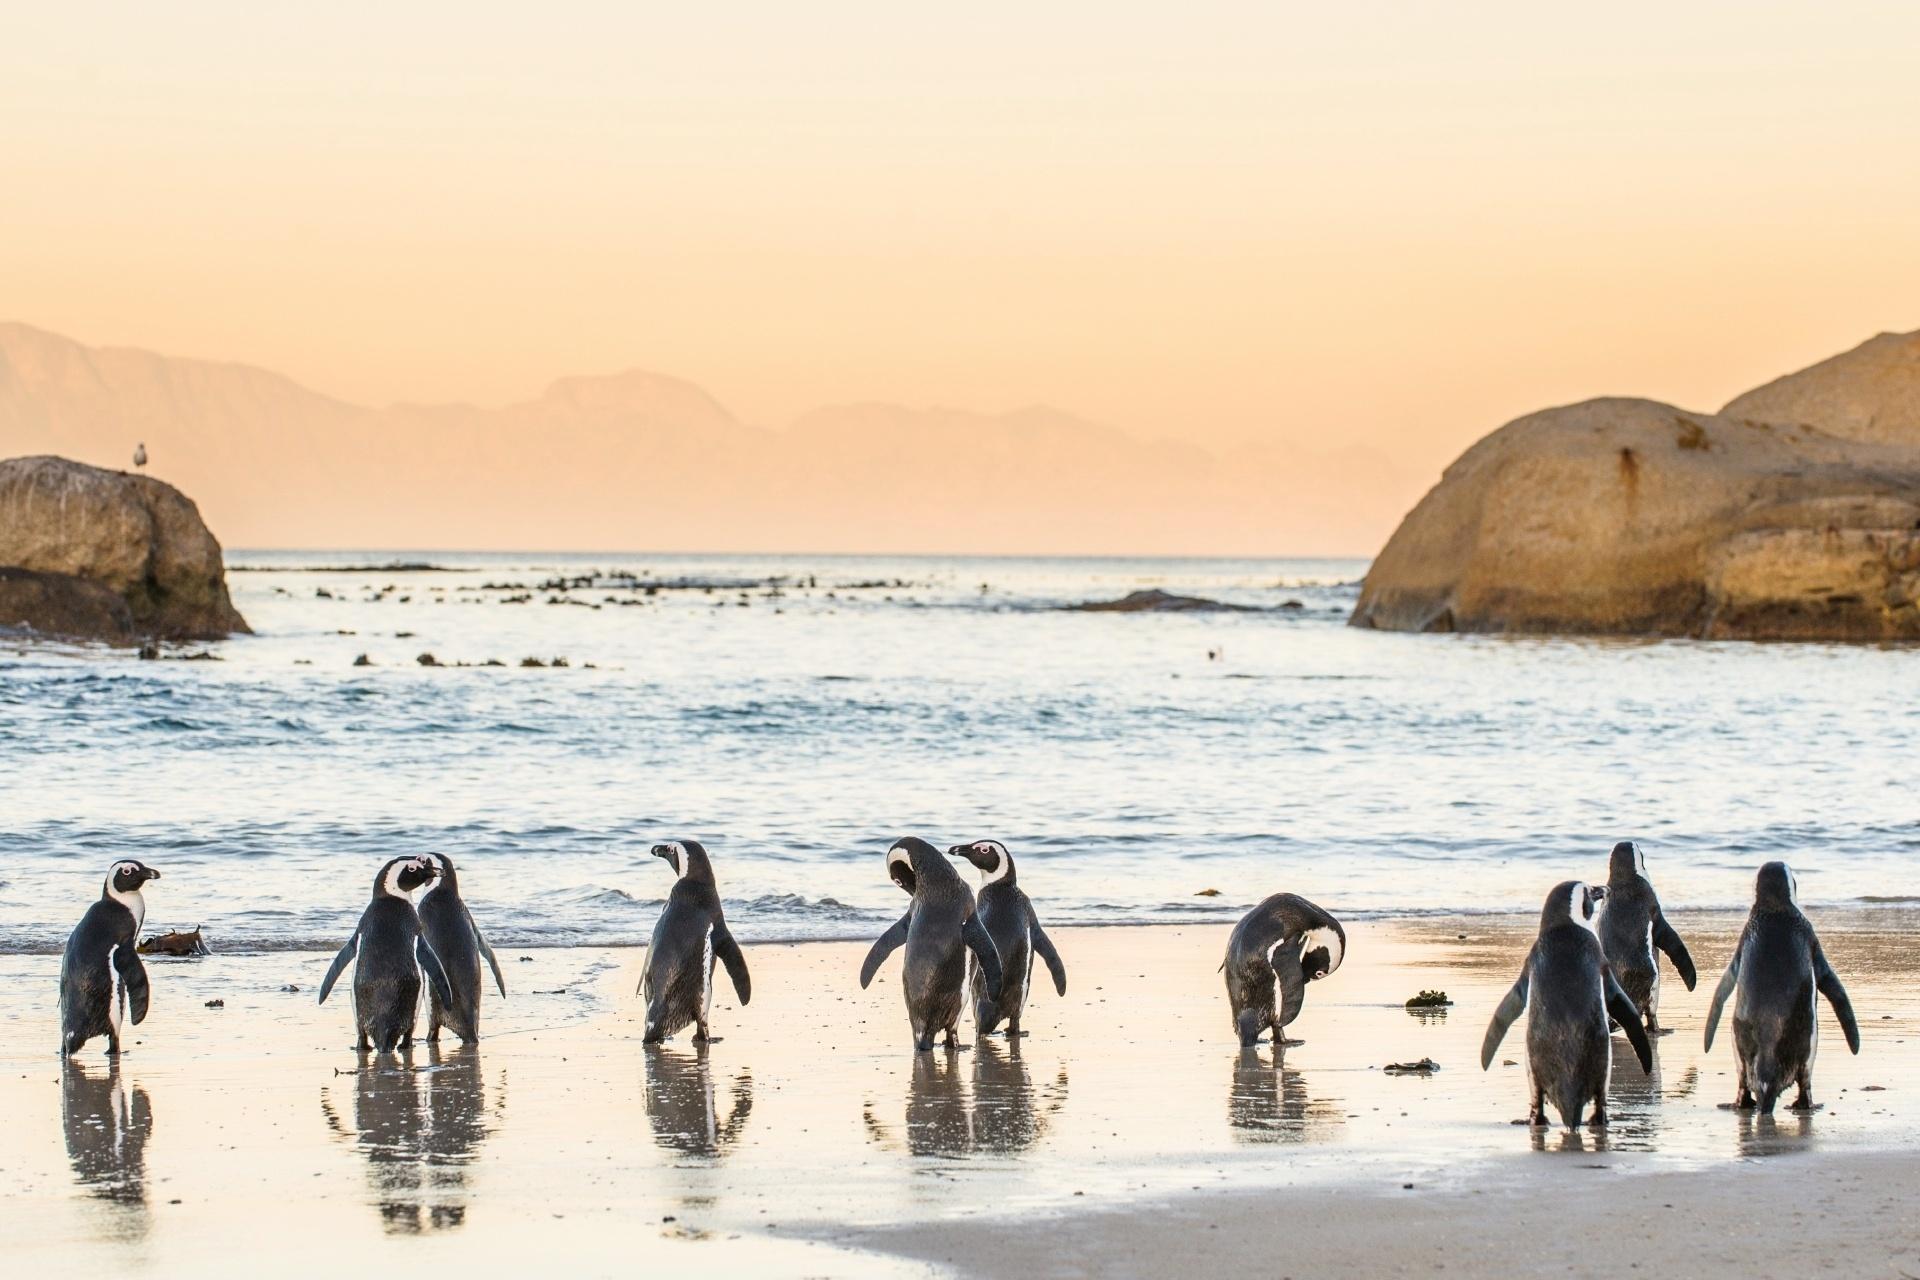 夕暮れの浜辺に佇むケープペンギン 南アフリカの風景